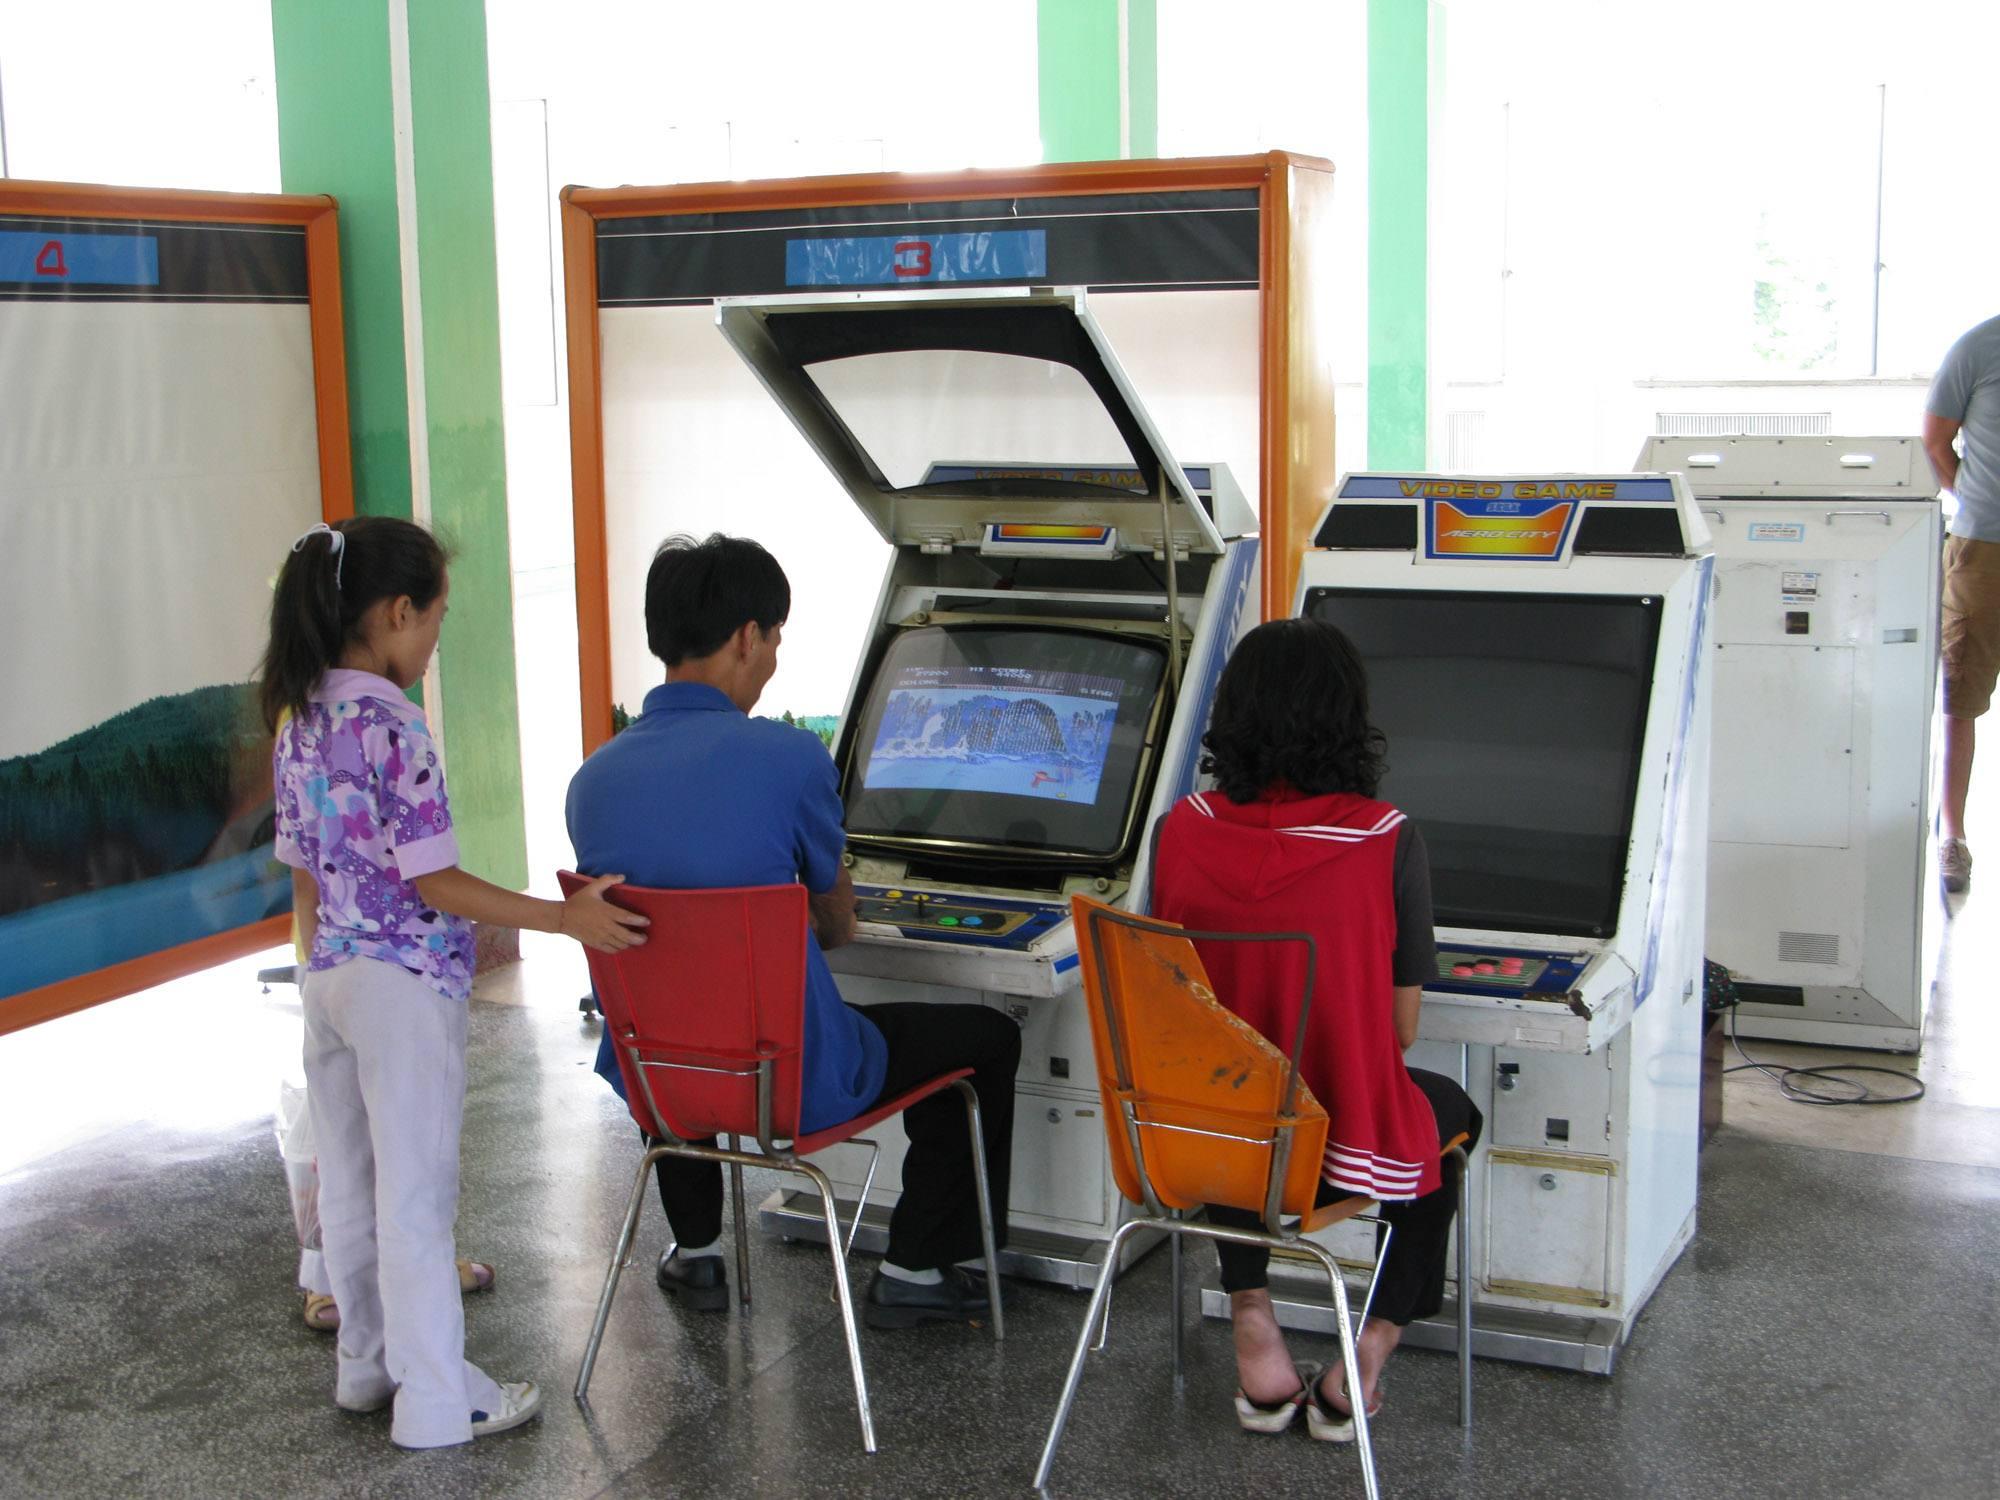 Игровые автоматы 2008 powered by vbulletin 2 3 казино онлайн играть бесплатно